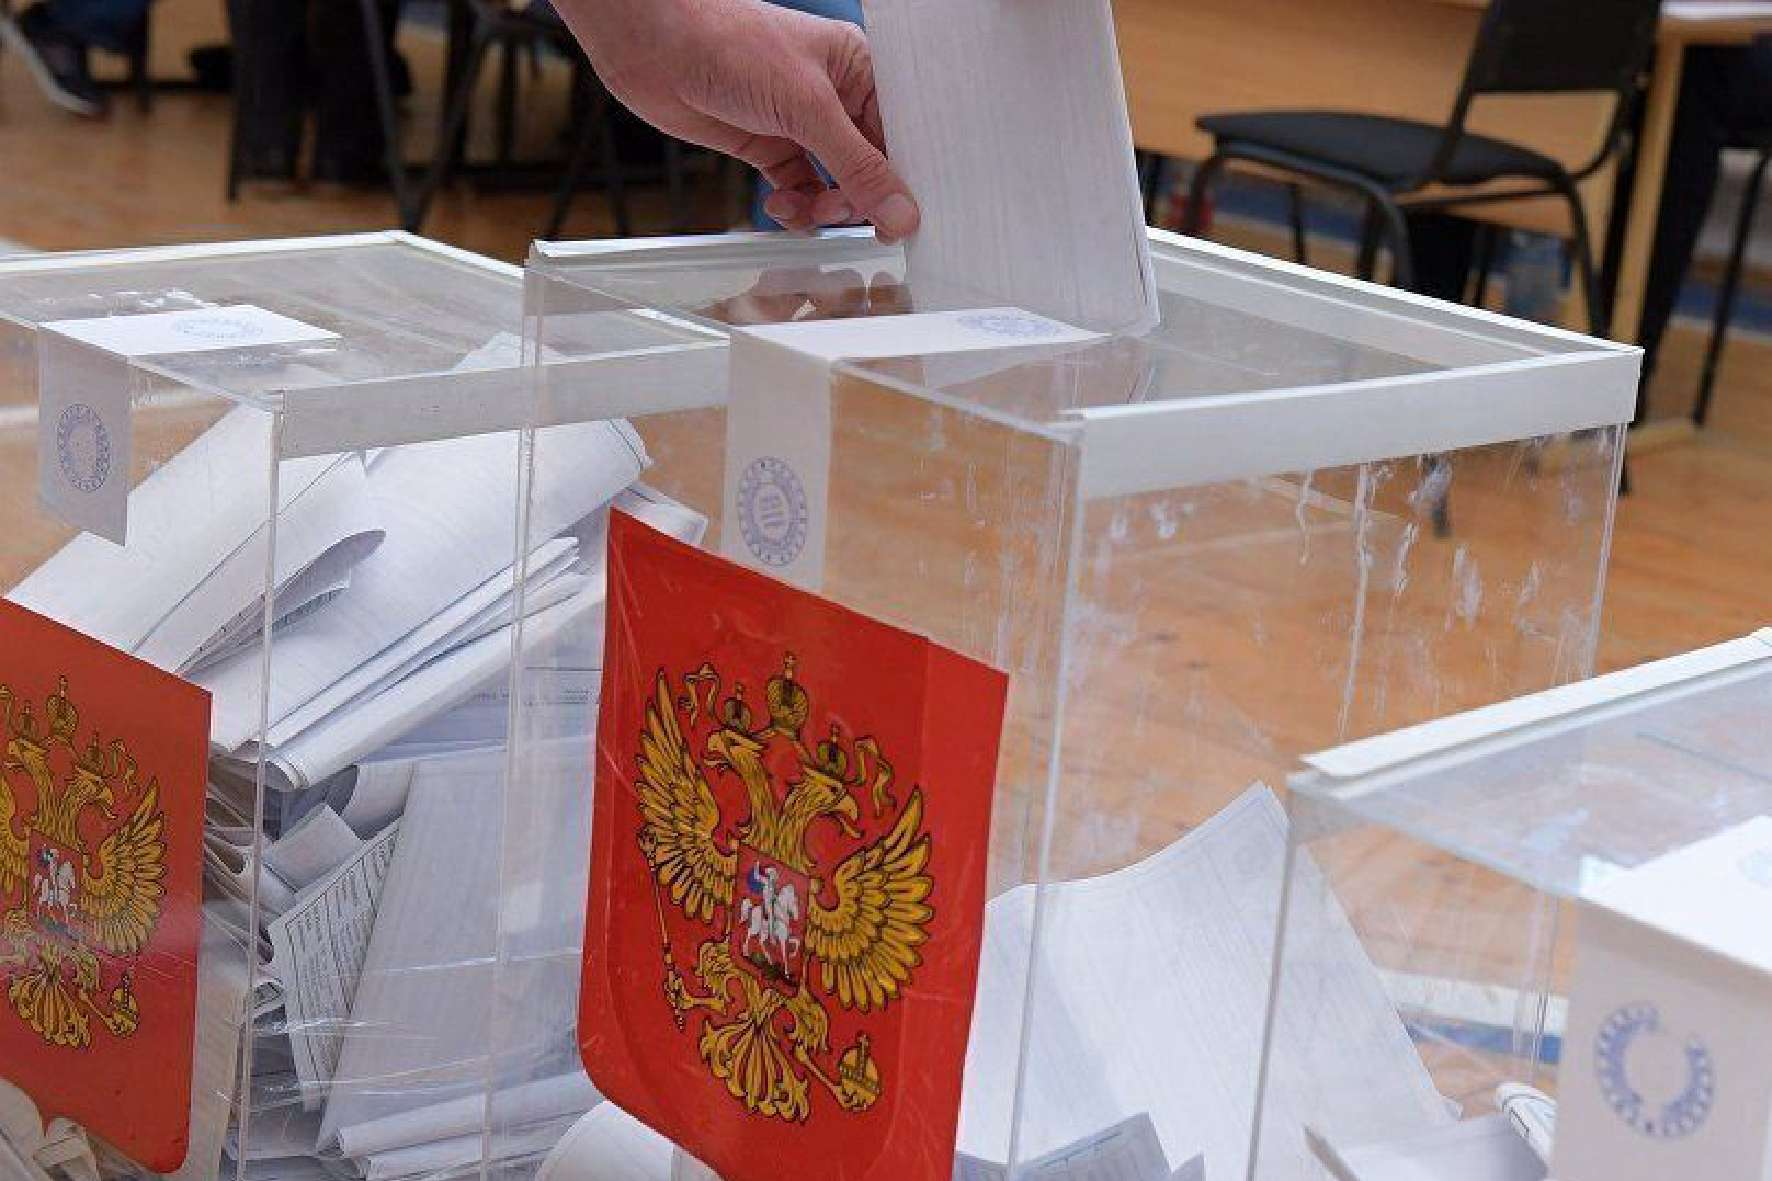 Юмористические ролики о поправках в Конституцию заставят россиян задуматься о правильном выборе thumbnail